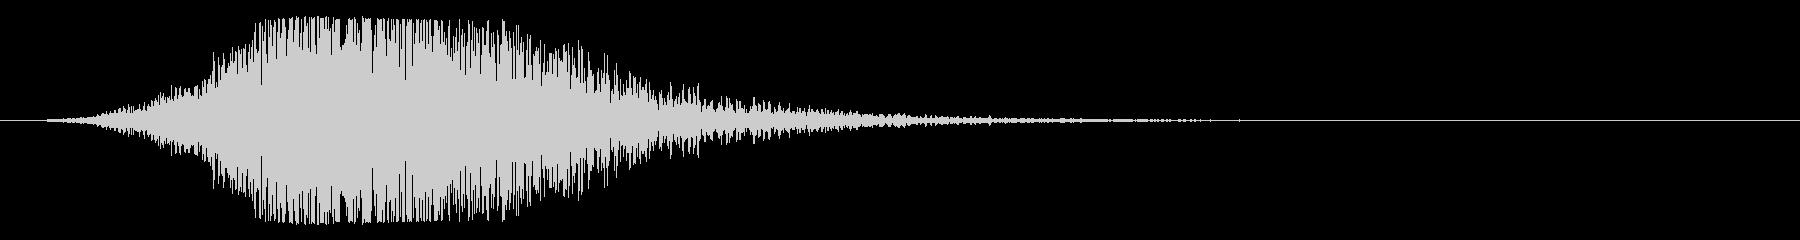 ヒューシュヘビーディープエアパスバ...の未再生の波形